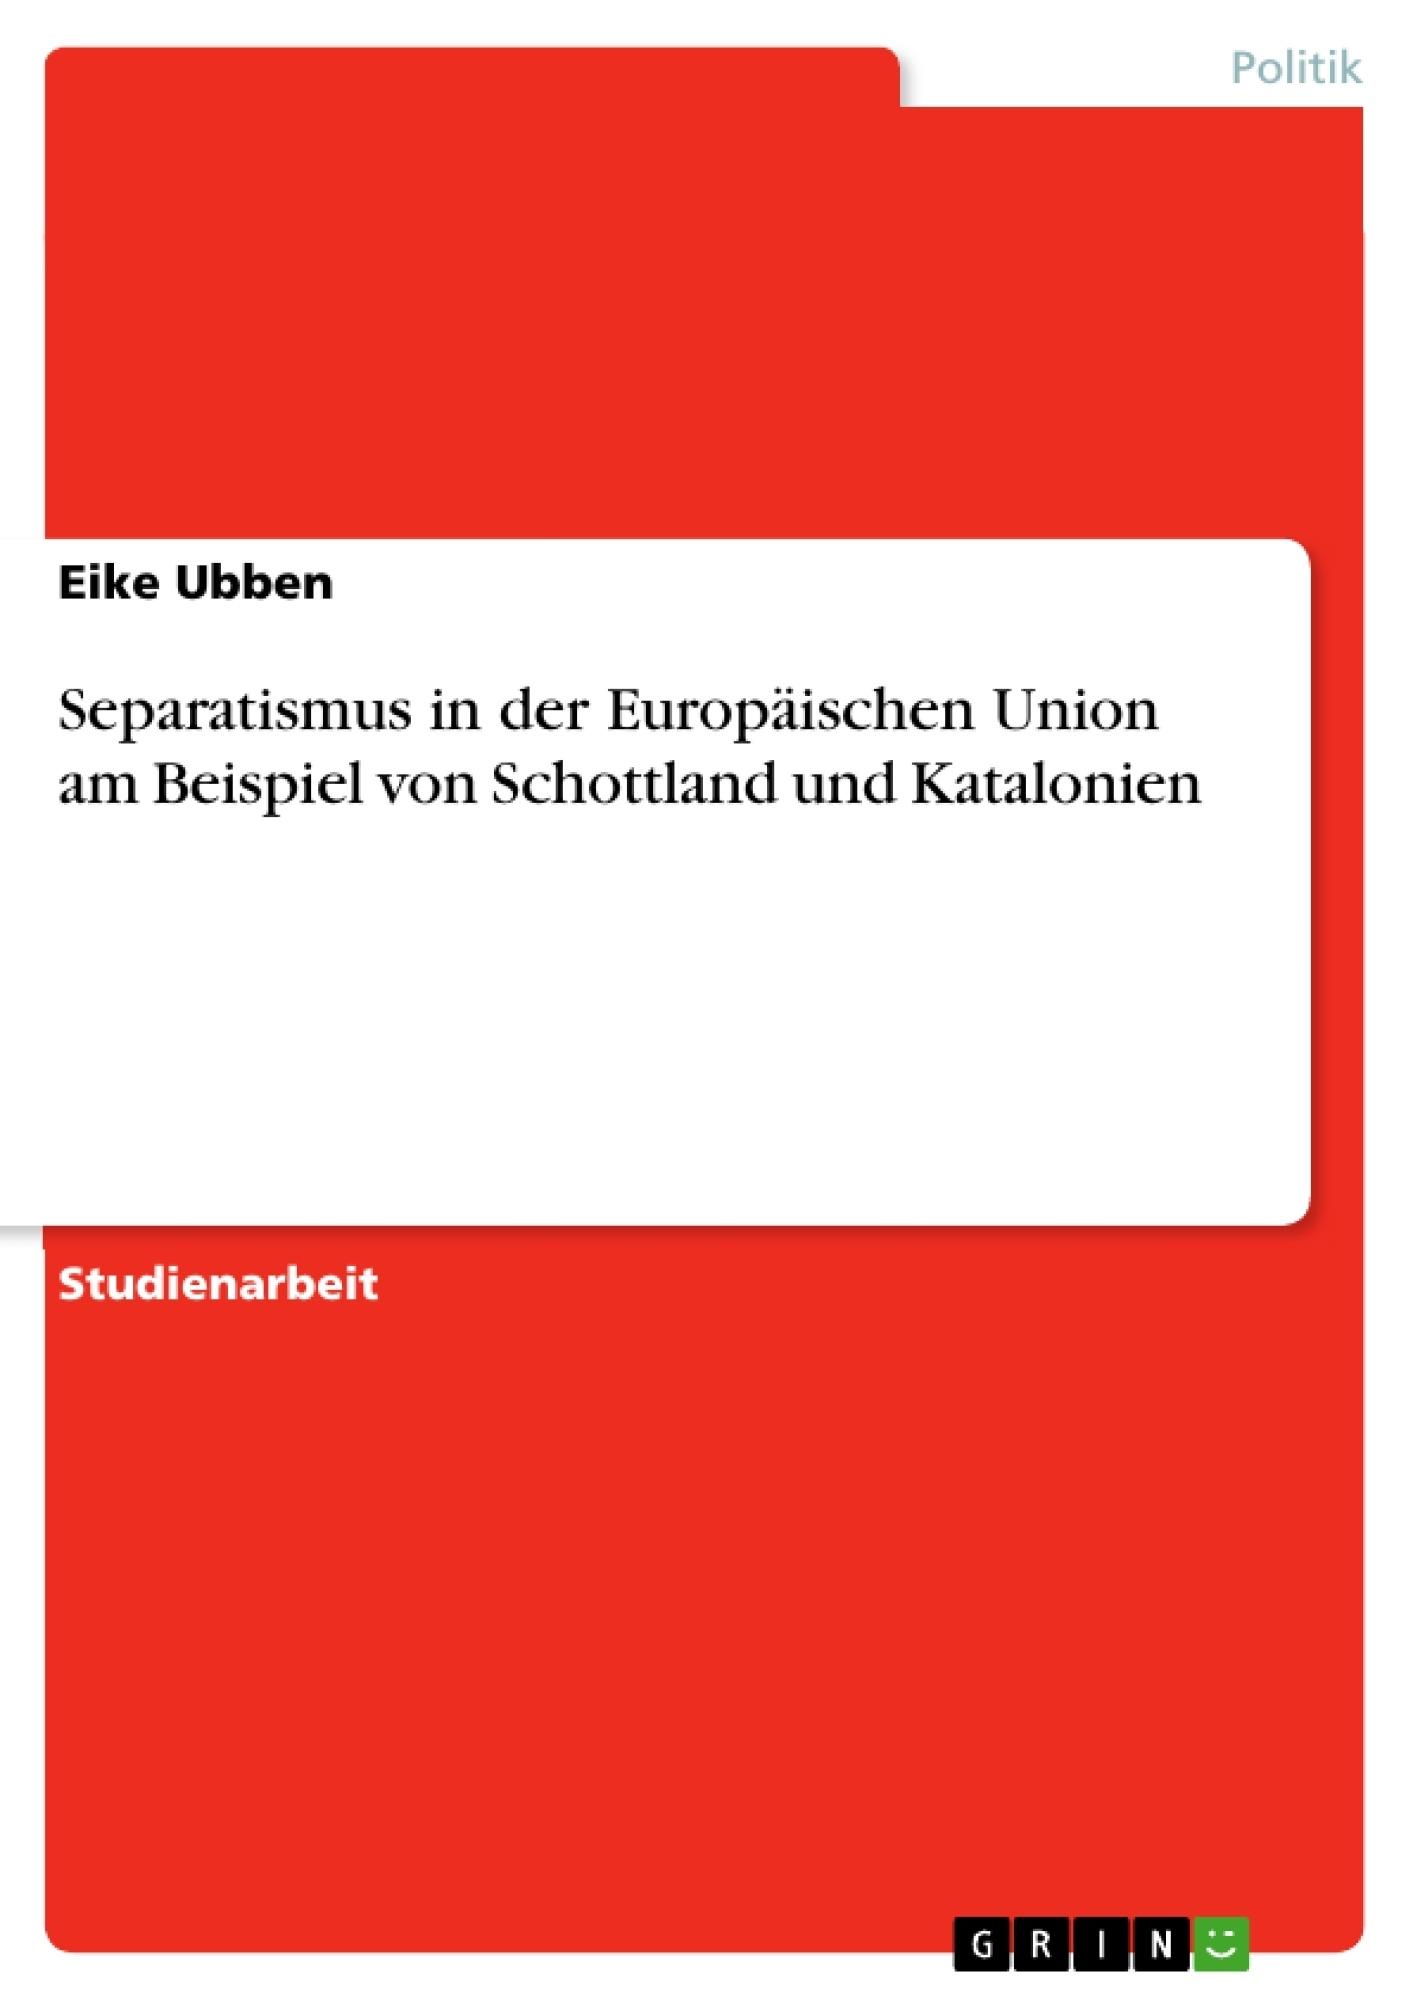 Titel: Separatismus in der Europäischen Union am Beispiel von Schottland und Katalonien